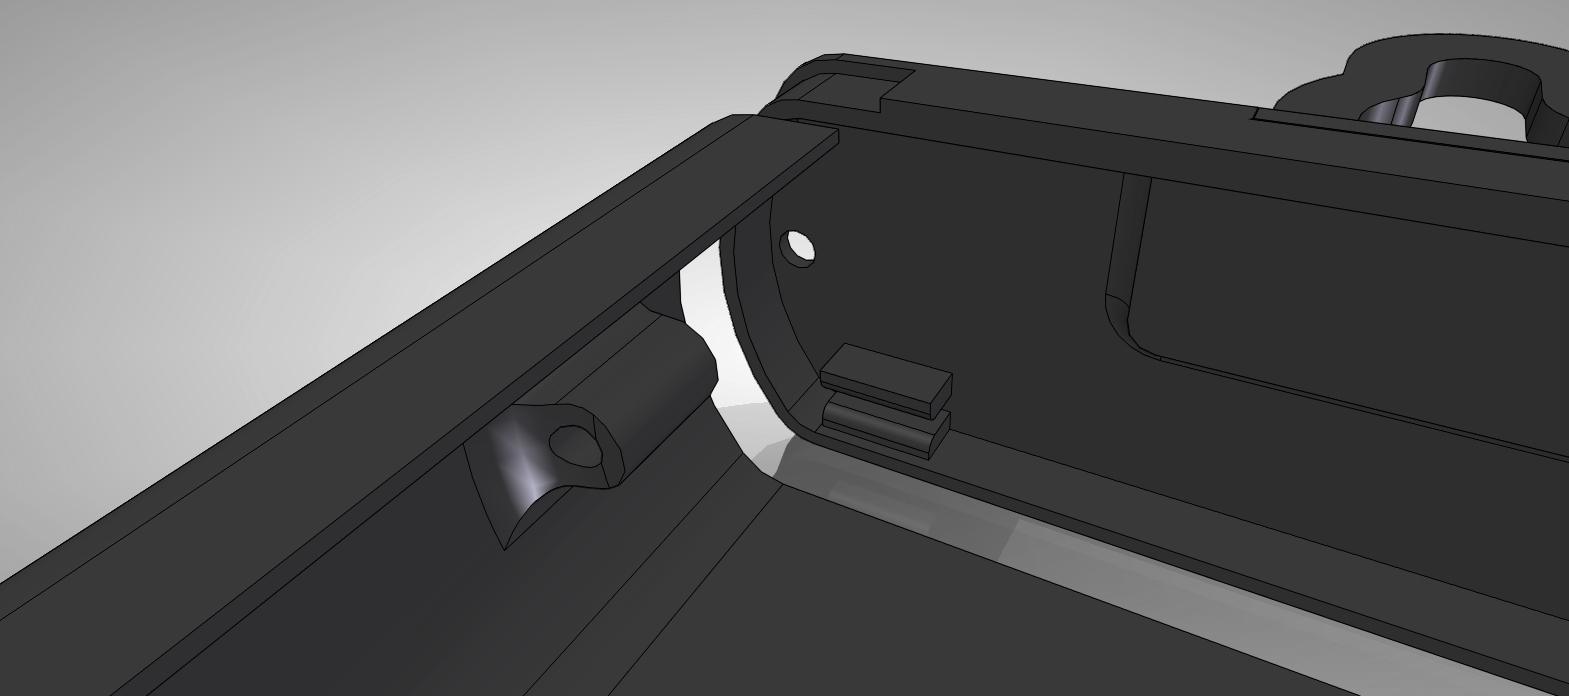 QR code casing2.jpg